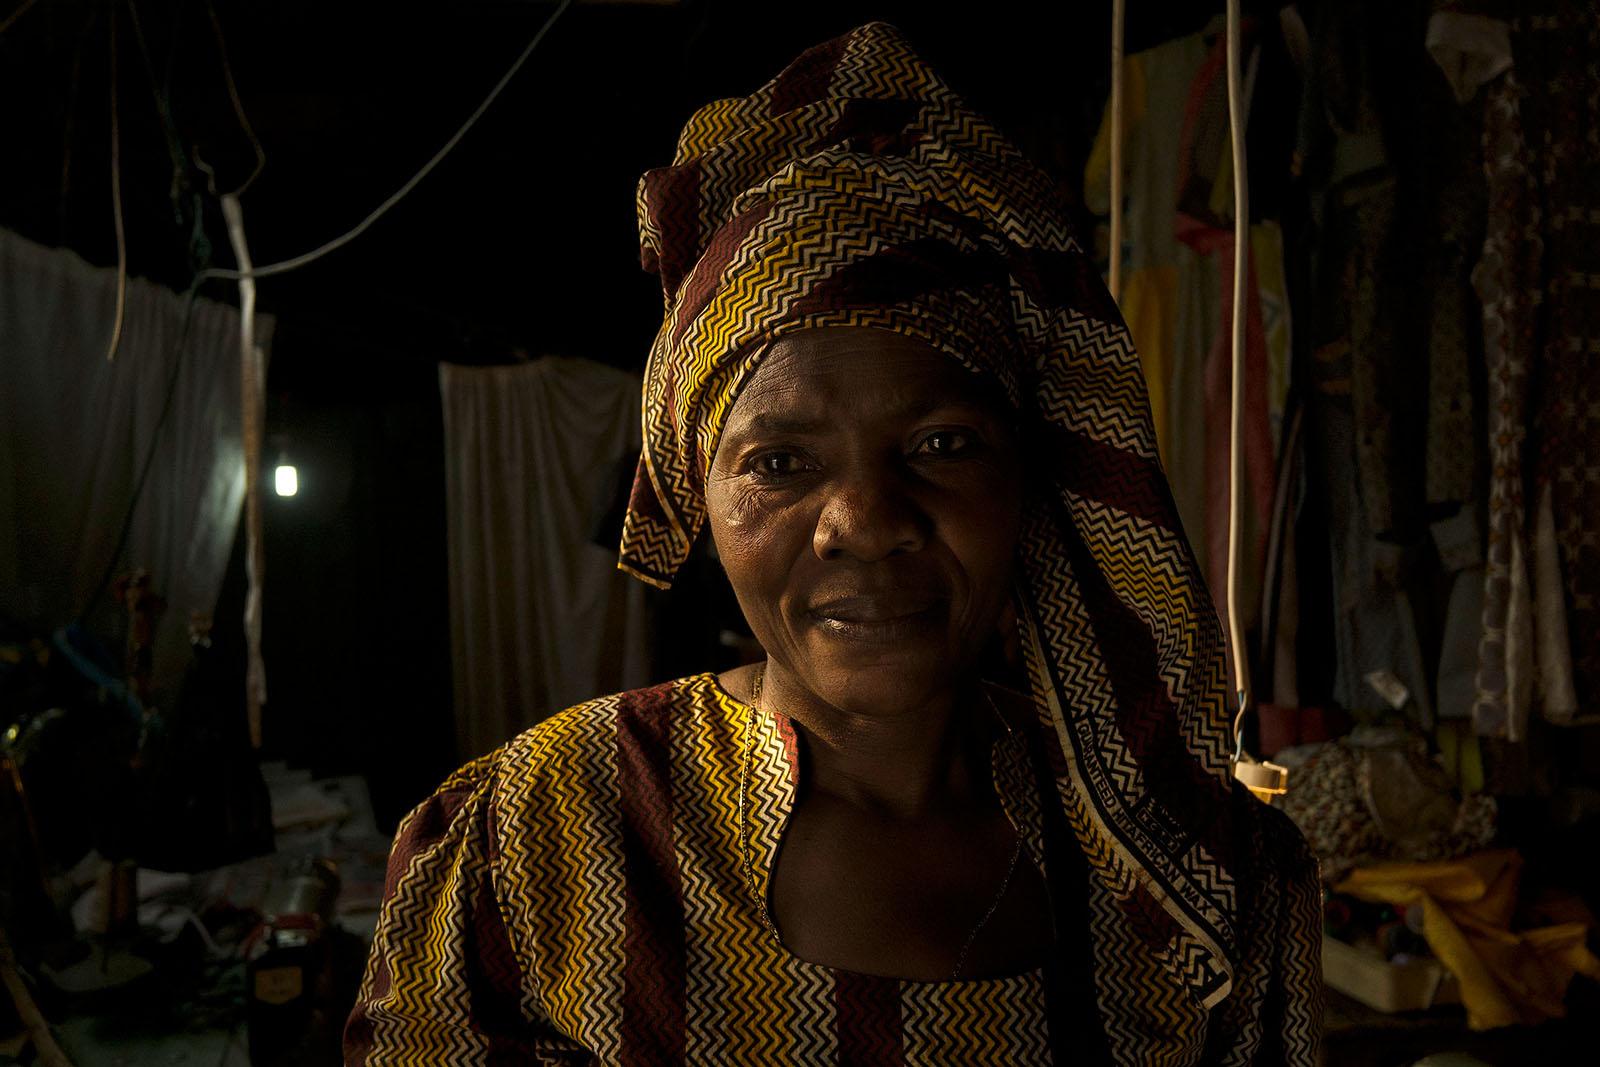 Judith Opah Dube